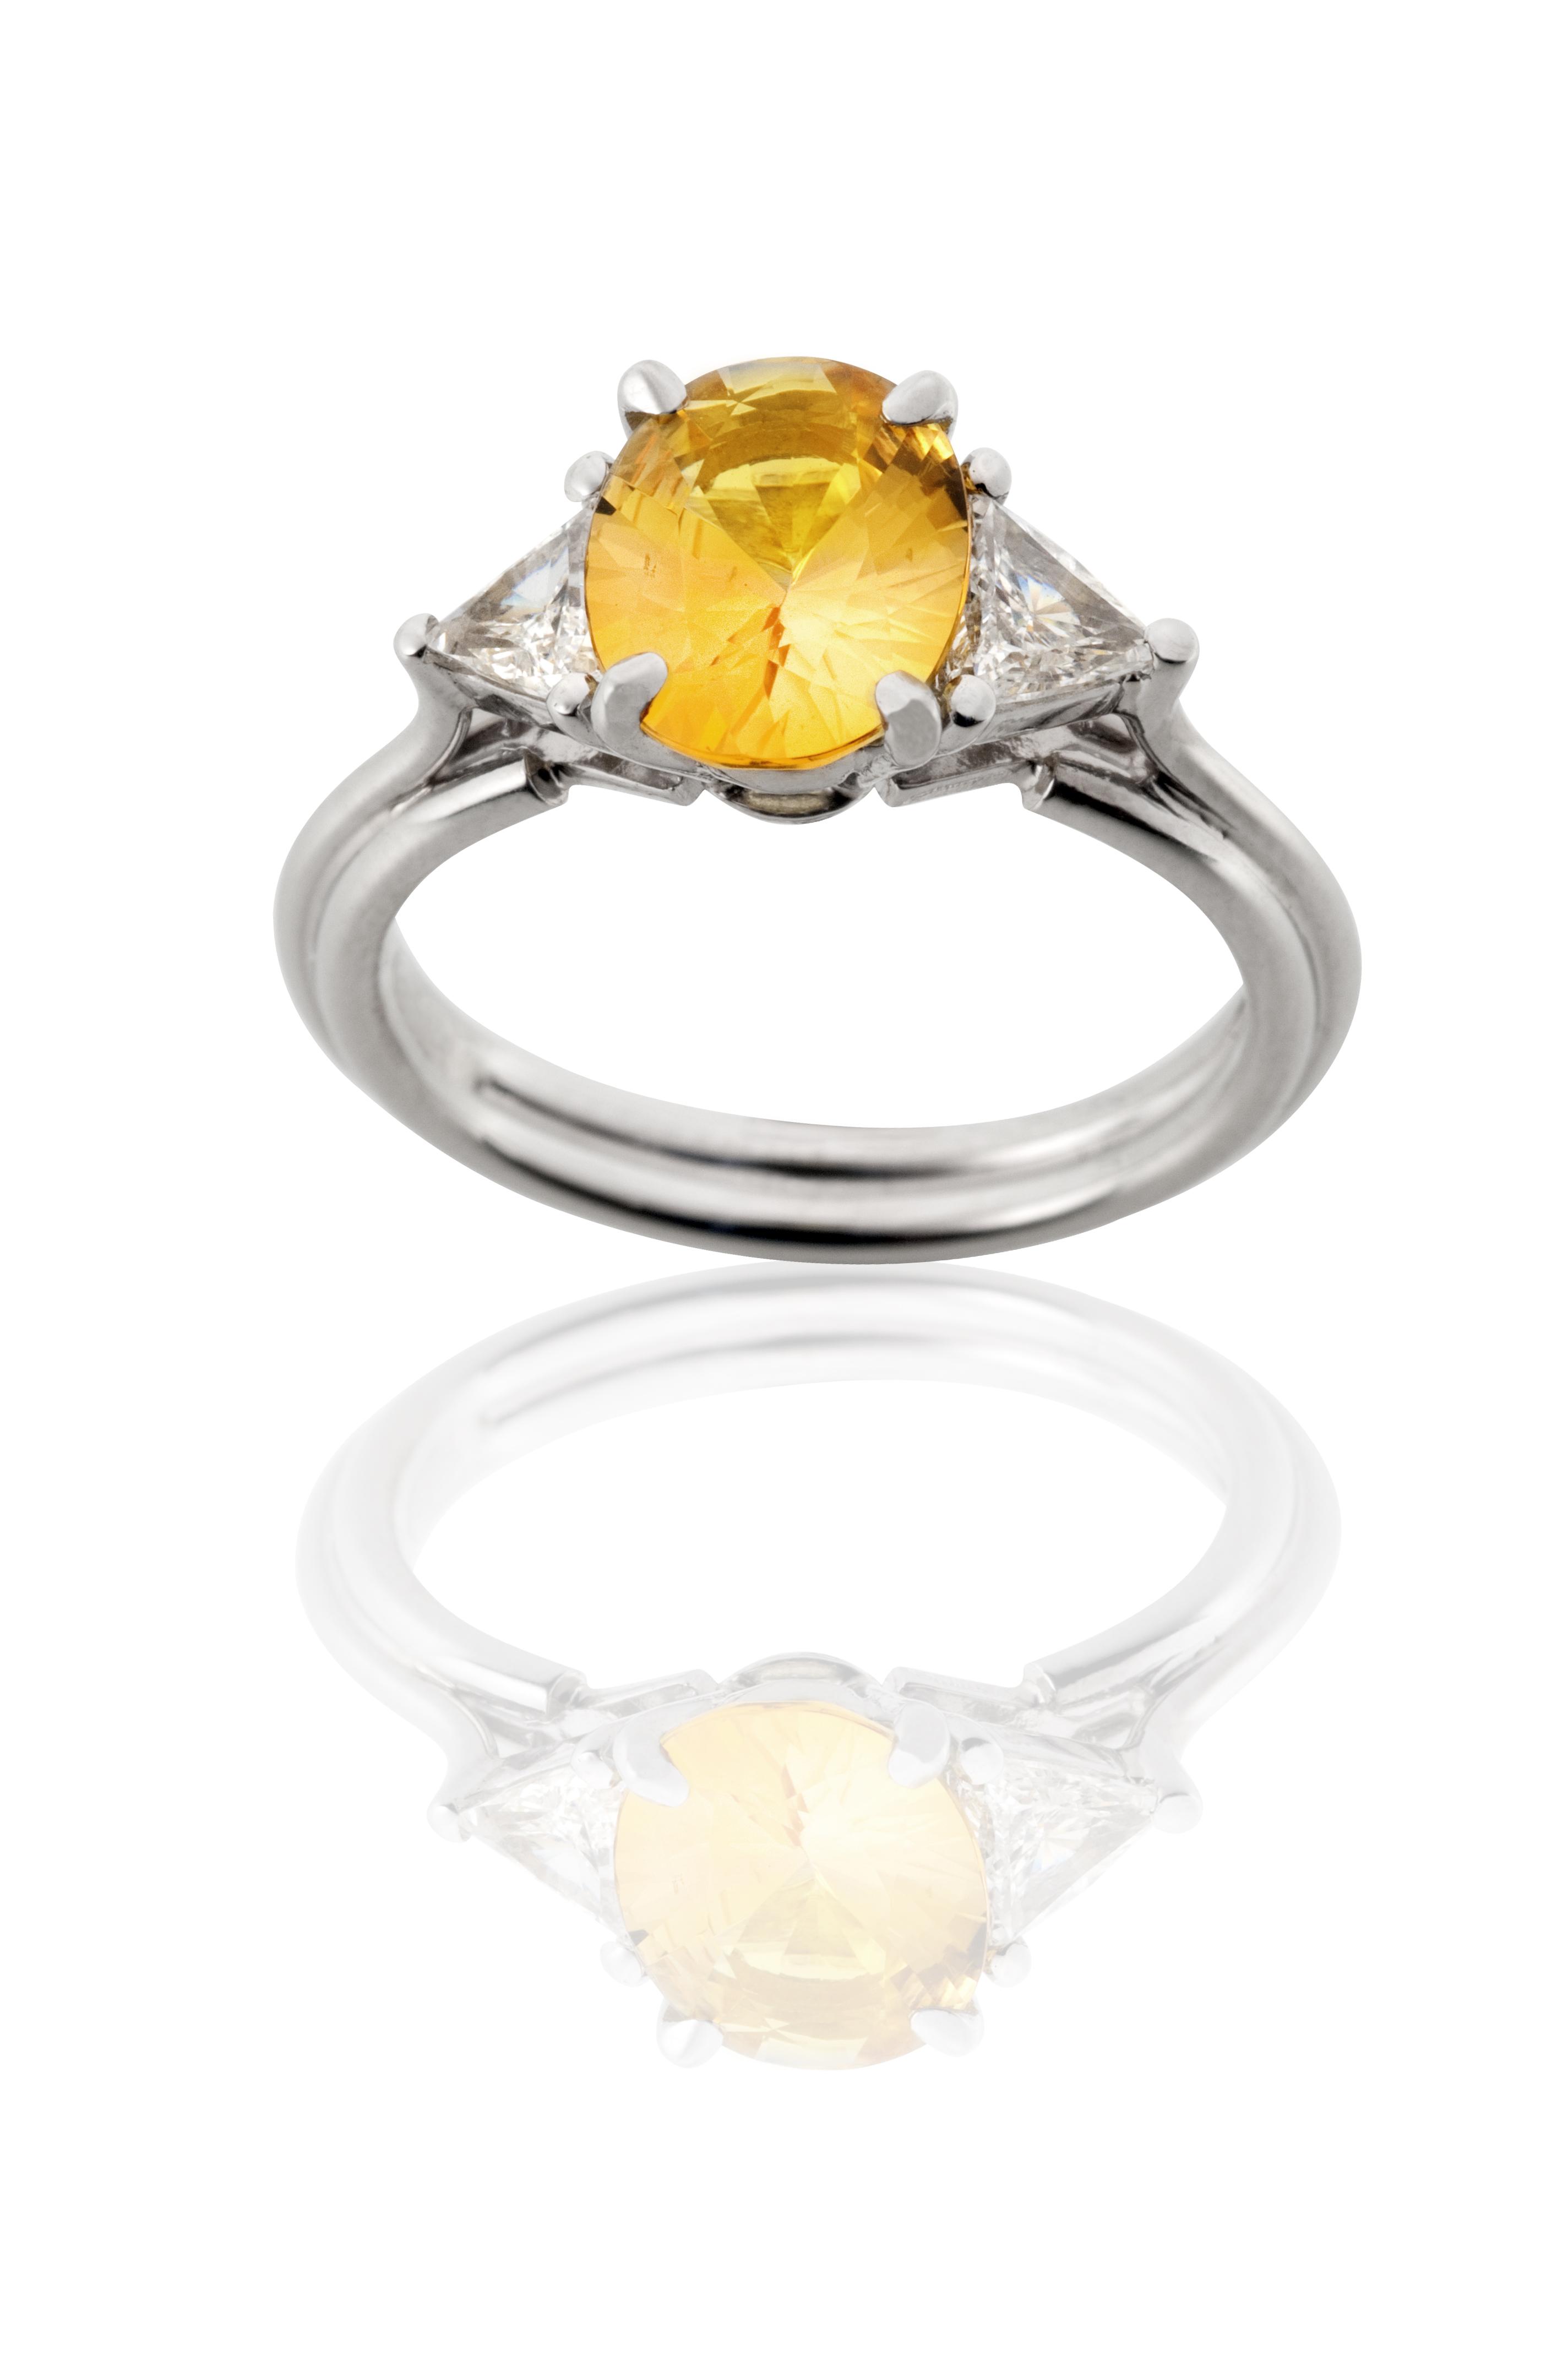 Yellow Sapphire 3 Stone Ring